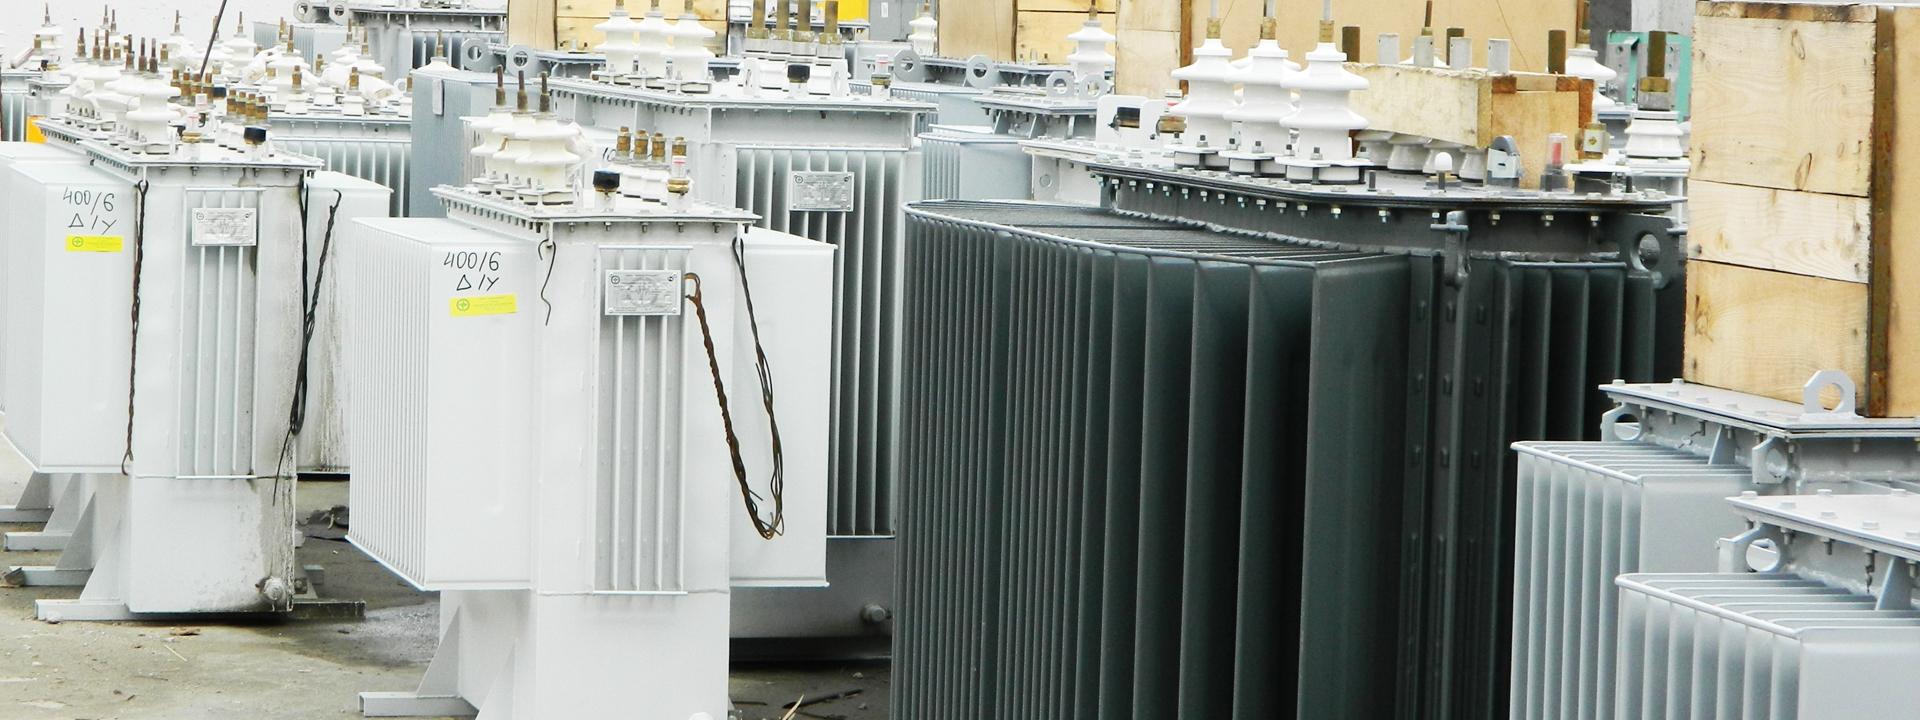 Трансформаторы и регуляторы мощности